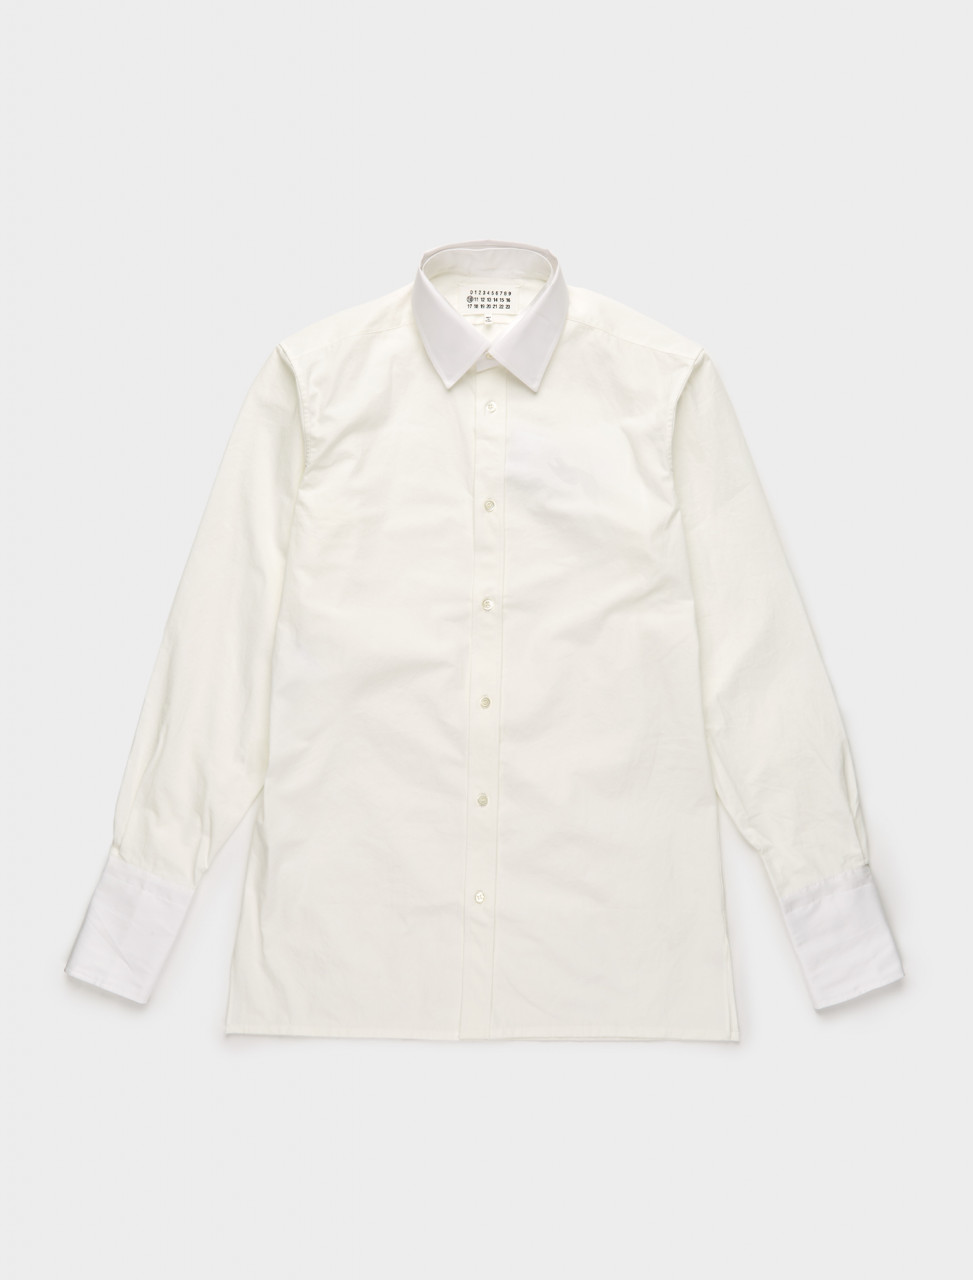 256-S30DL0482-S53212-101 MAISON MARGIELA COTTON SHIRT OFF WHITE